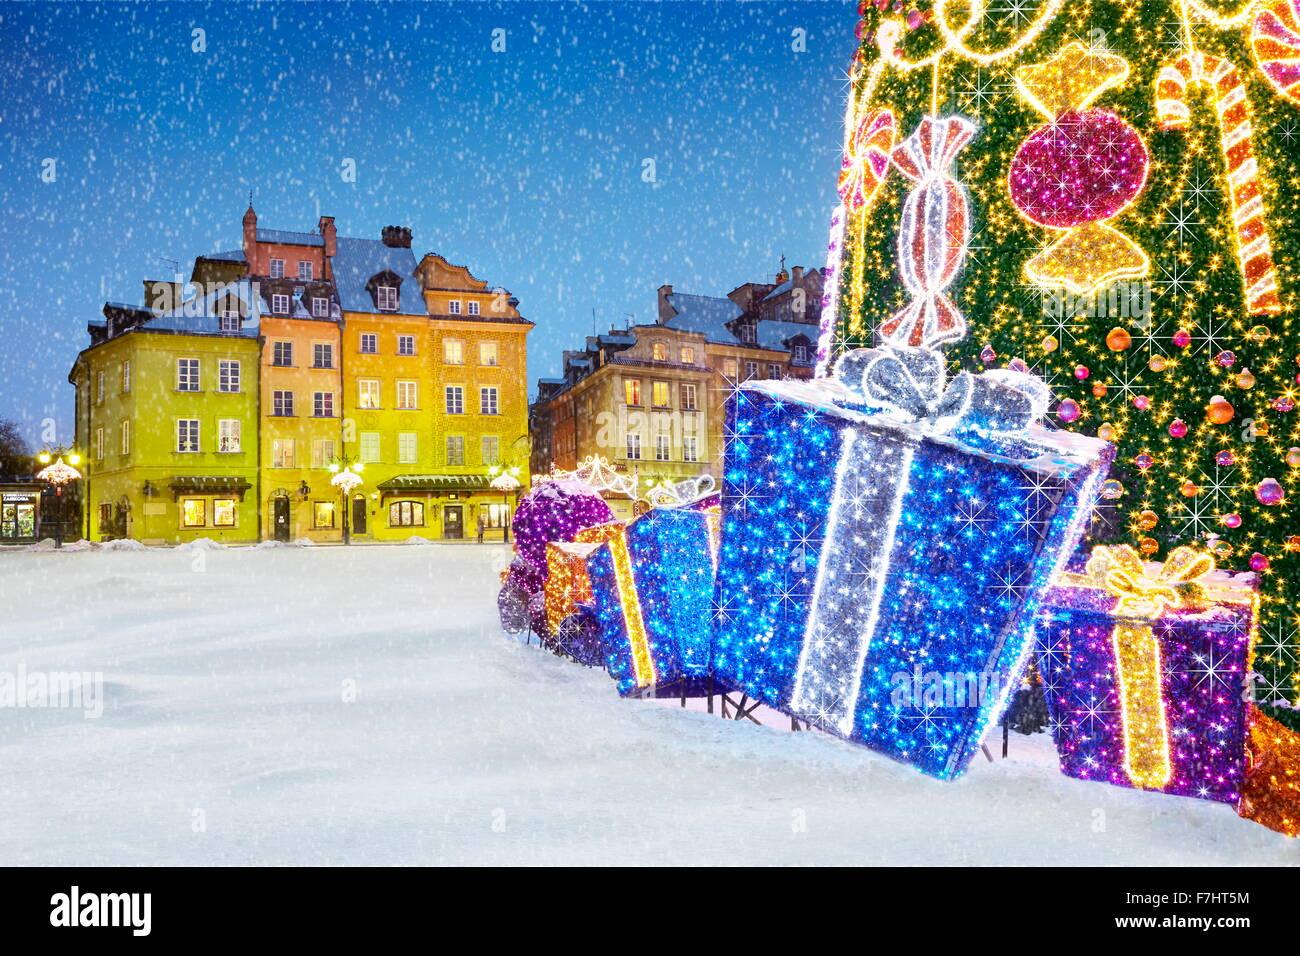 Outdoor-Schnee Weihnachtsbaum Dekoration mit Geschenken, Warschau, Polen Stockbild